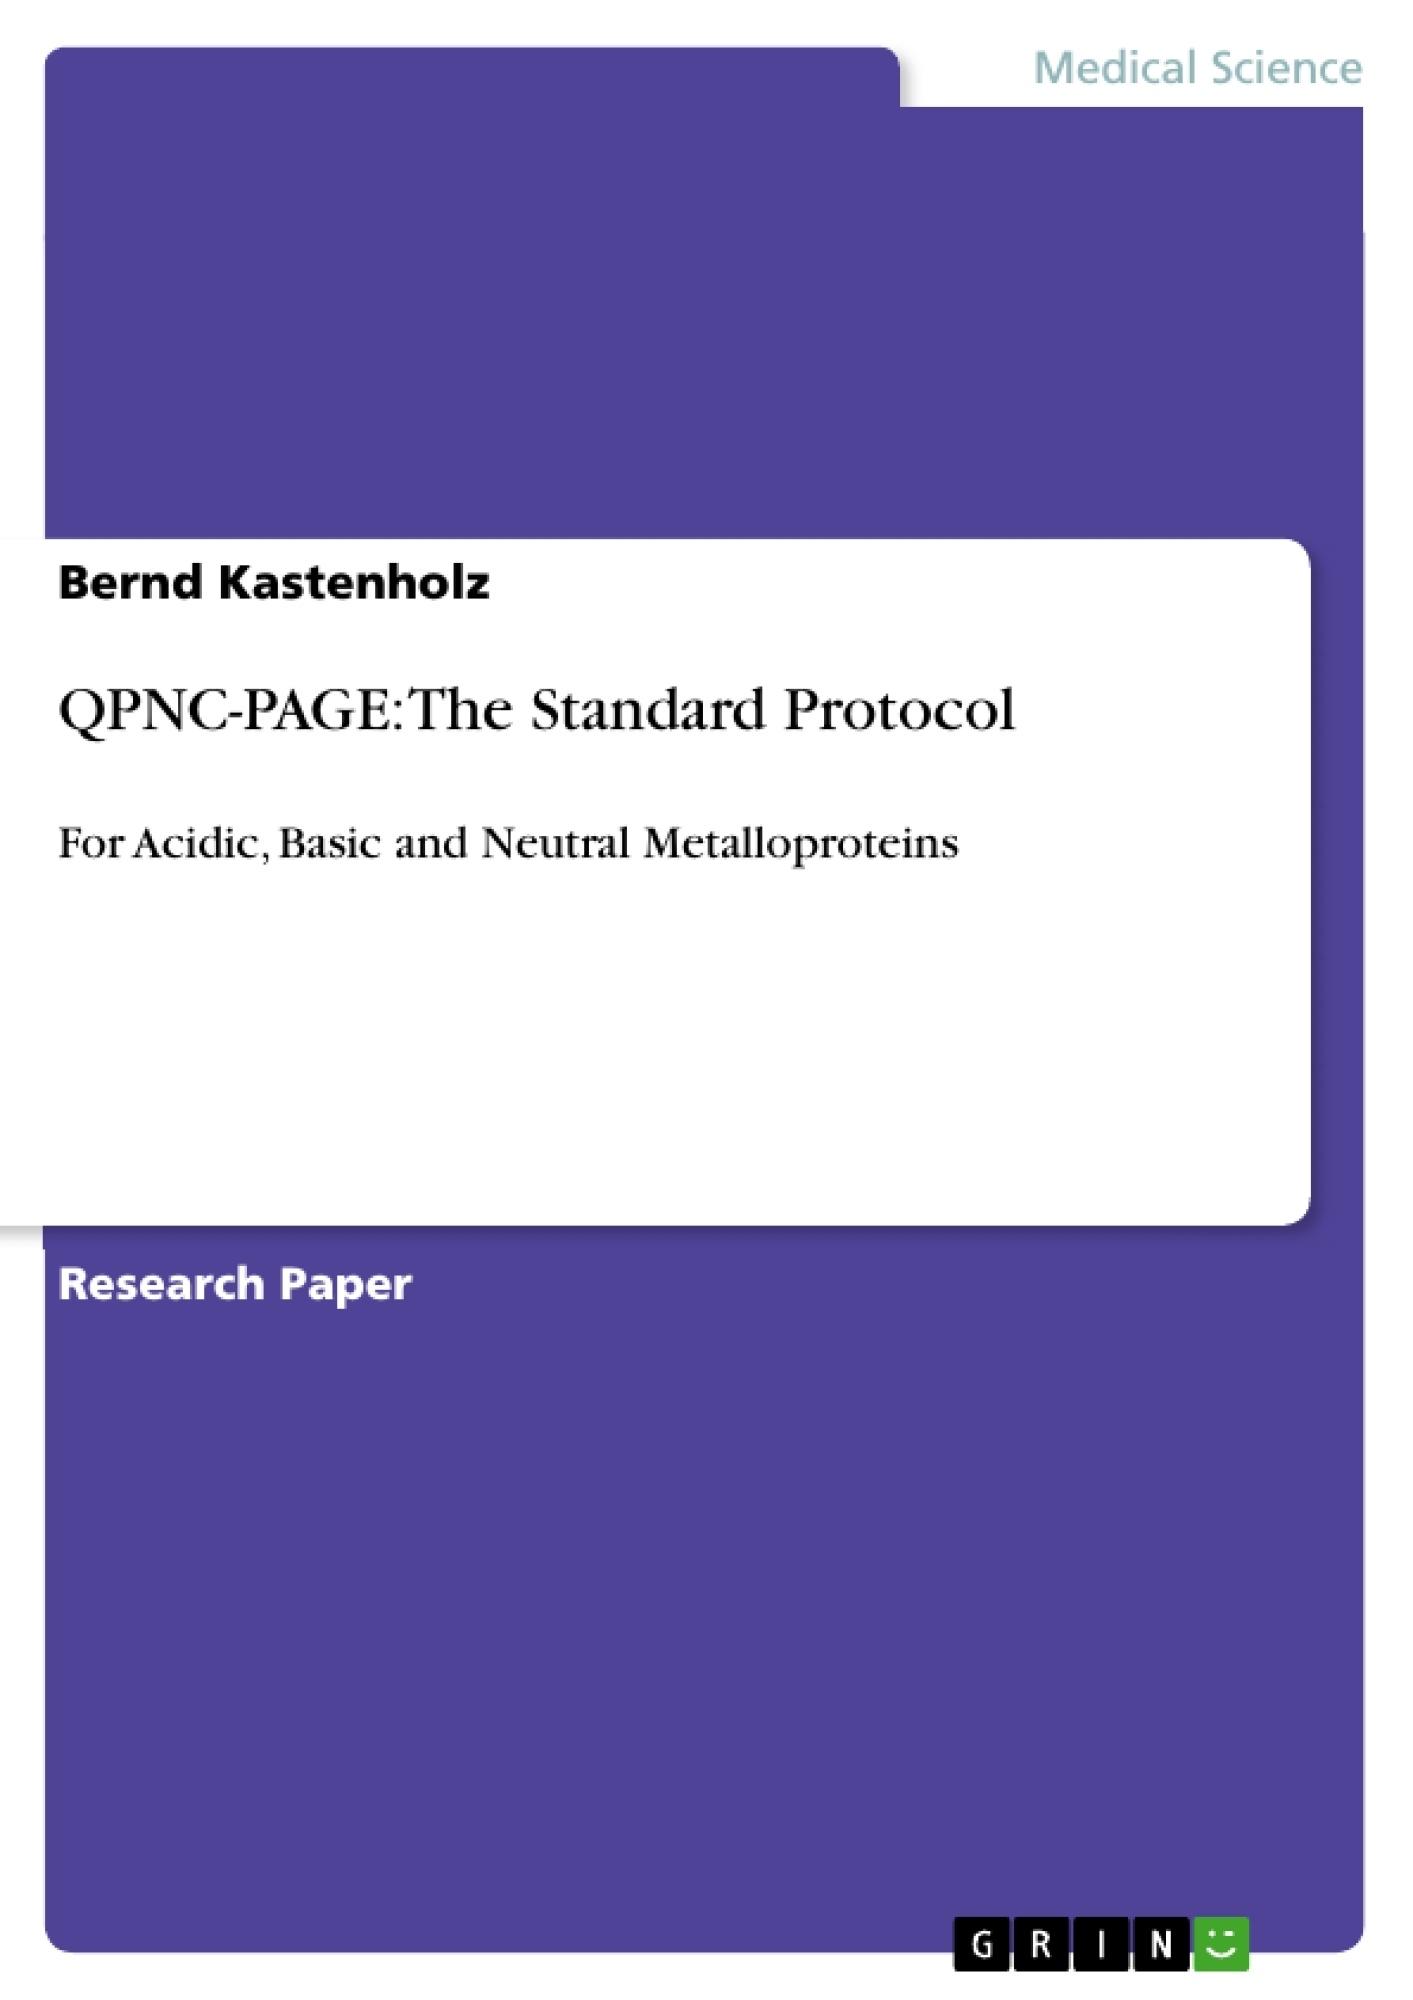 Title: QPNC-PAGE: The Standard Protocol